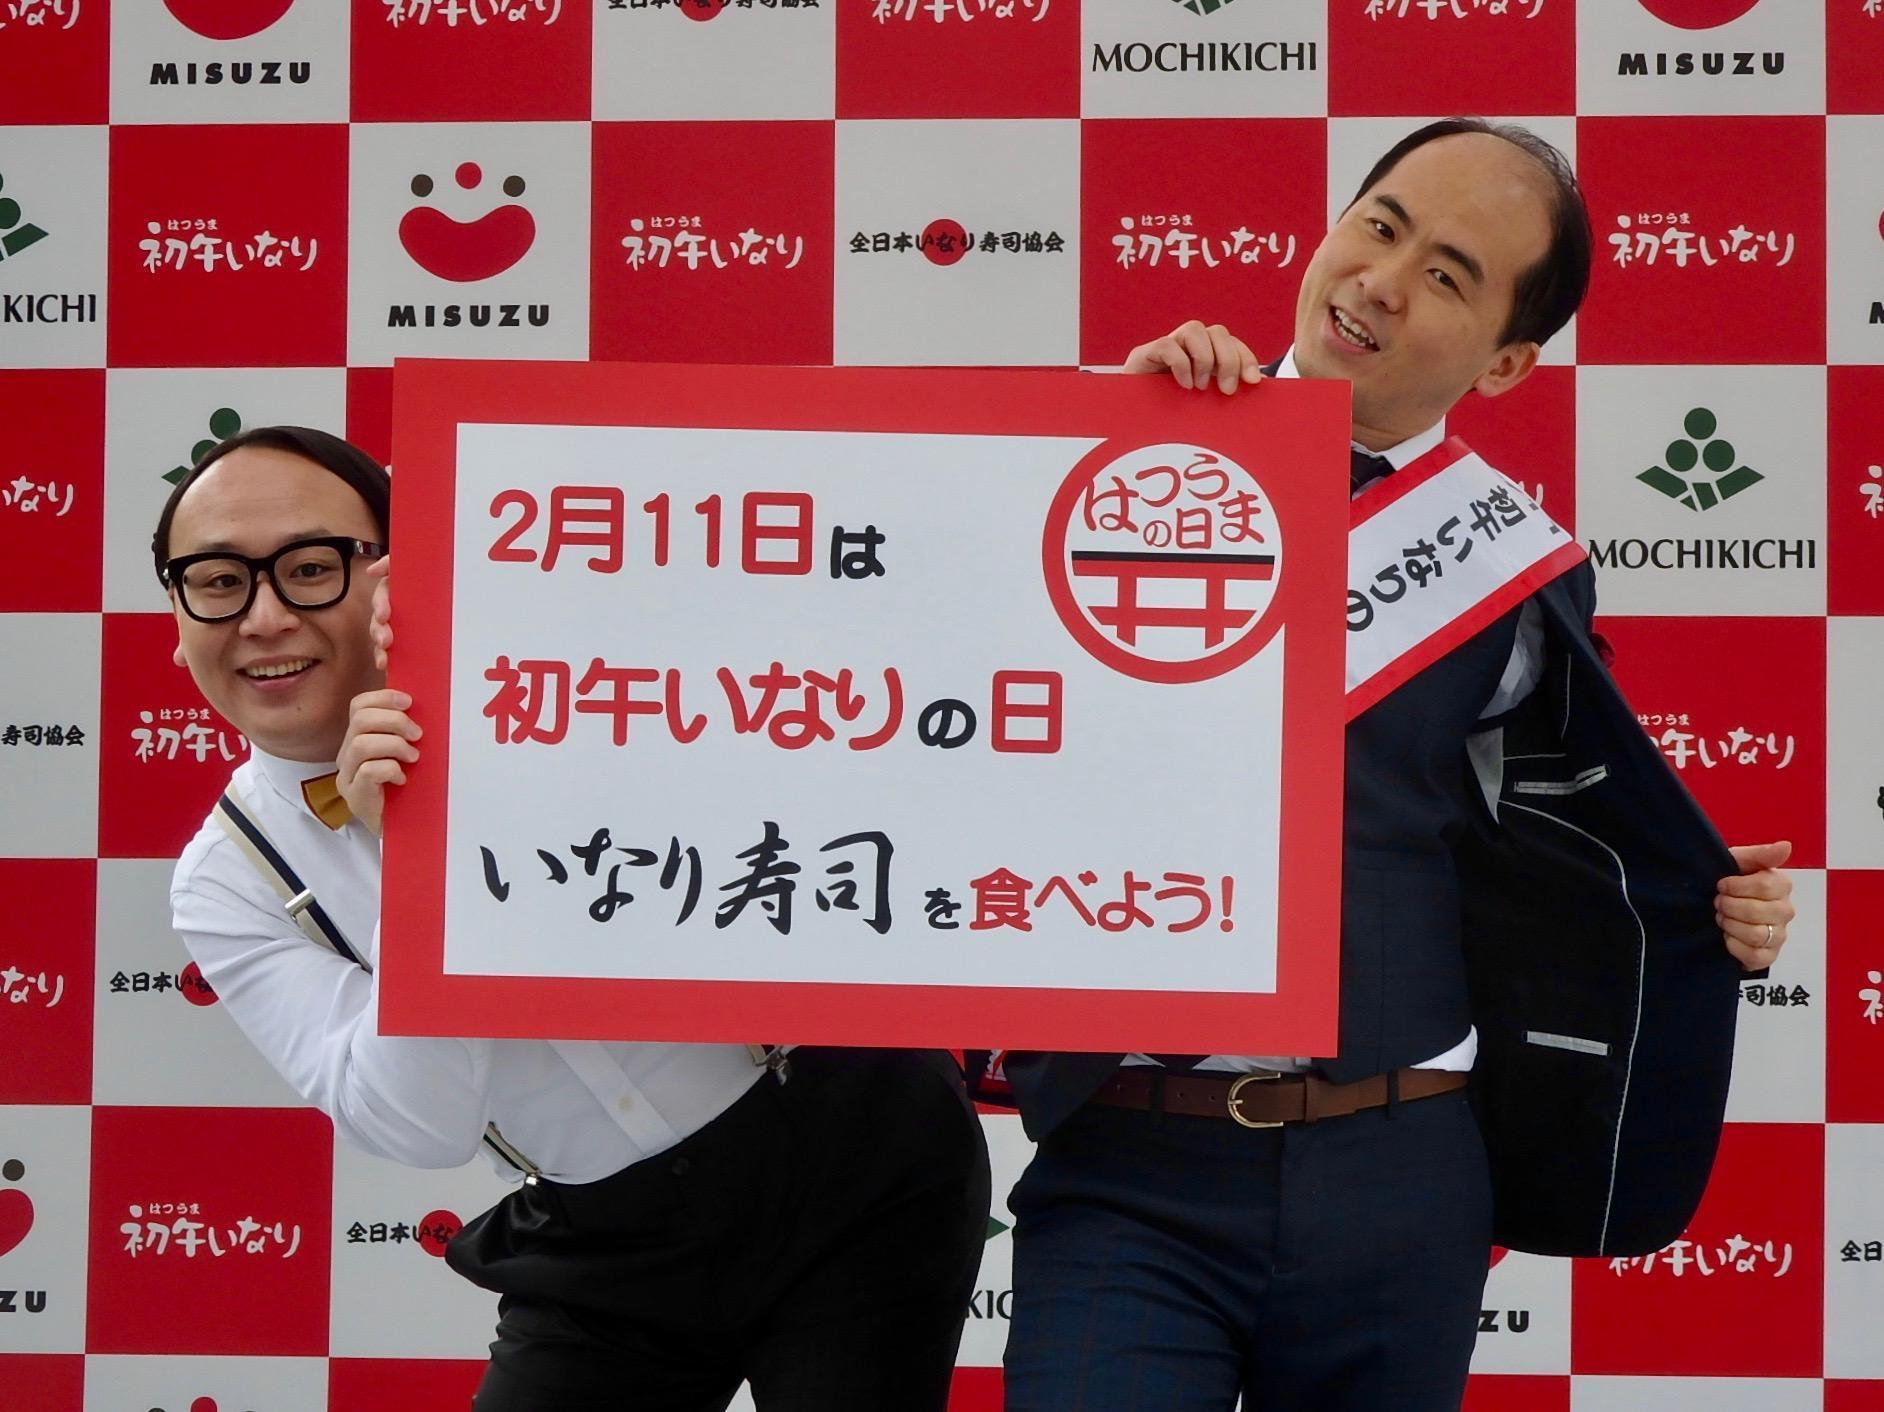 http://news.yoshimoto.co.jp/20180210163308-1d967322d54a840cbfd9e79085d259a514e3c05a.jpg